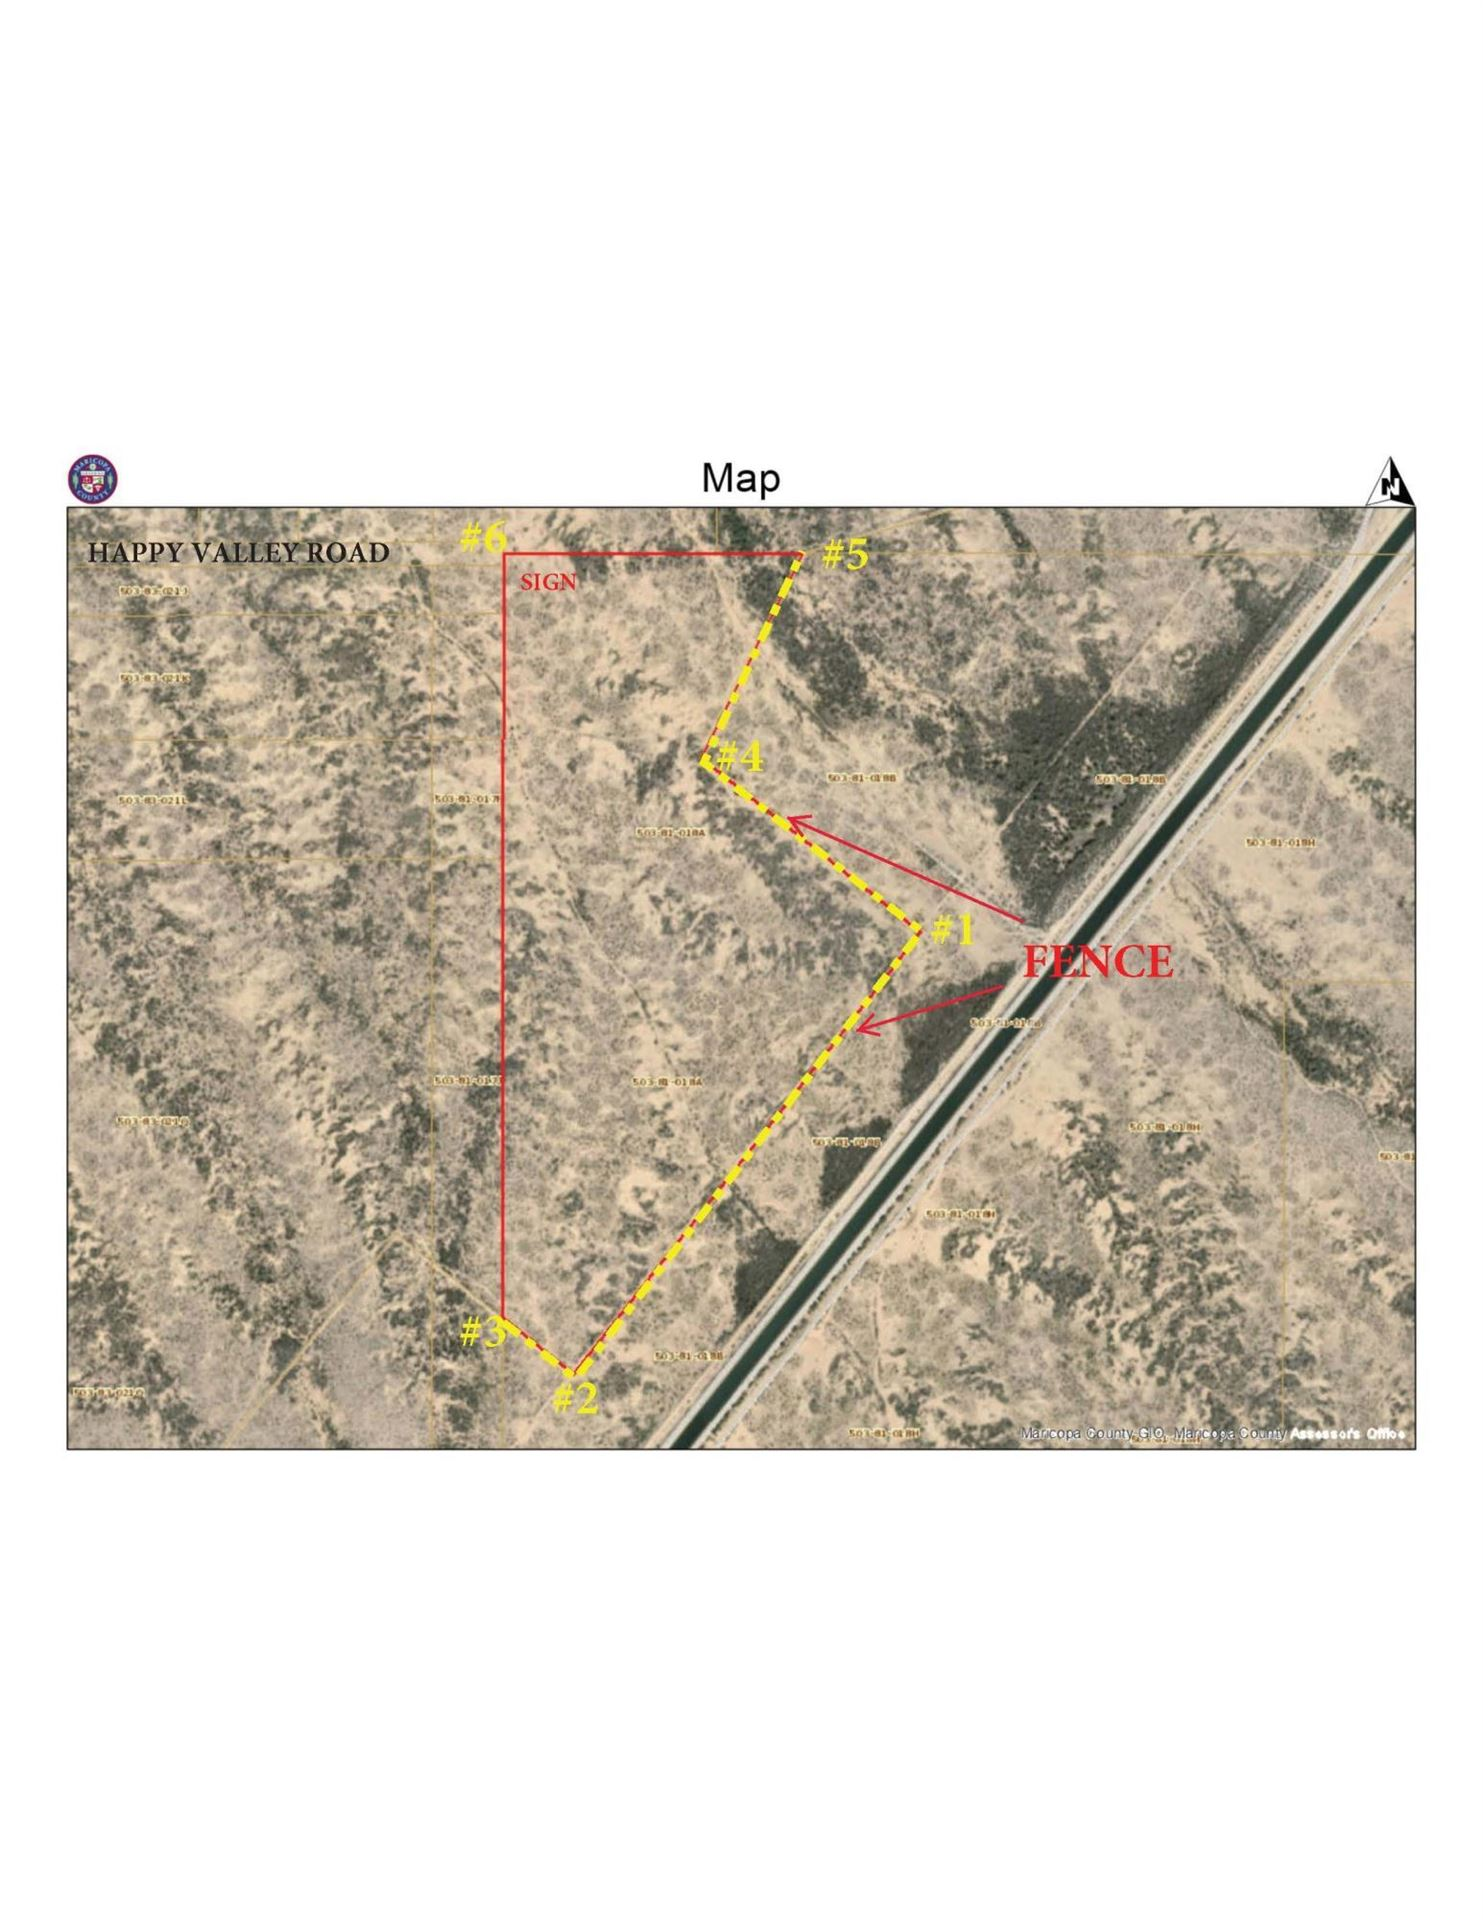 Photo of 0 W Happy Valley Road, 99.39 acres --, Surprise, AZ 85387 (MLS # 6232106)